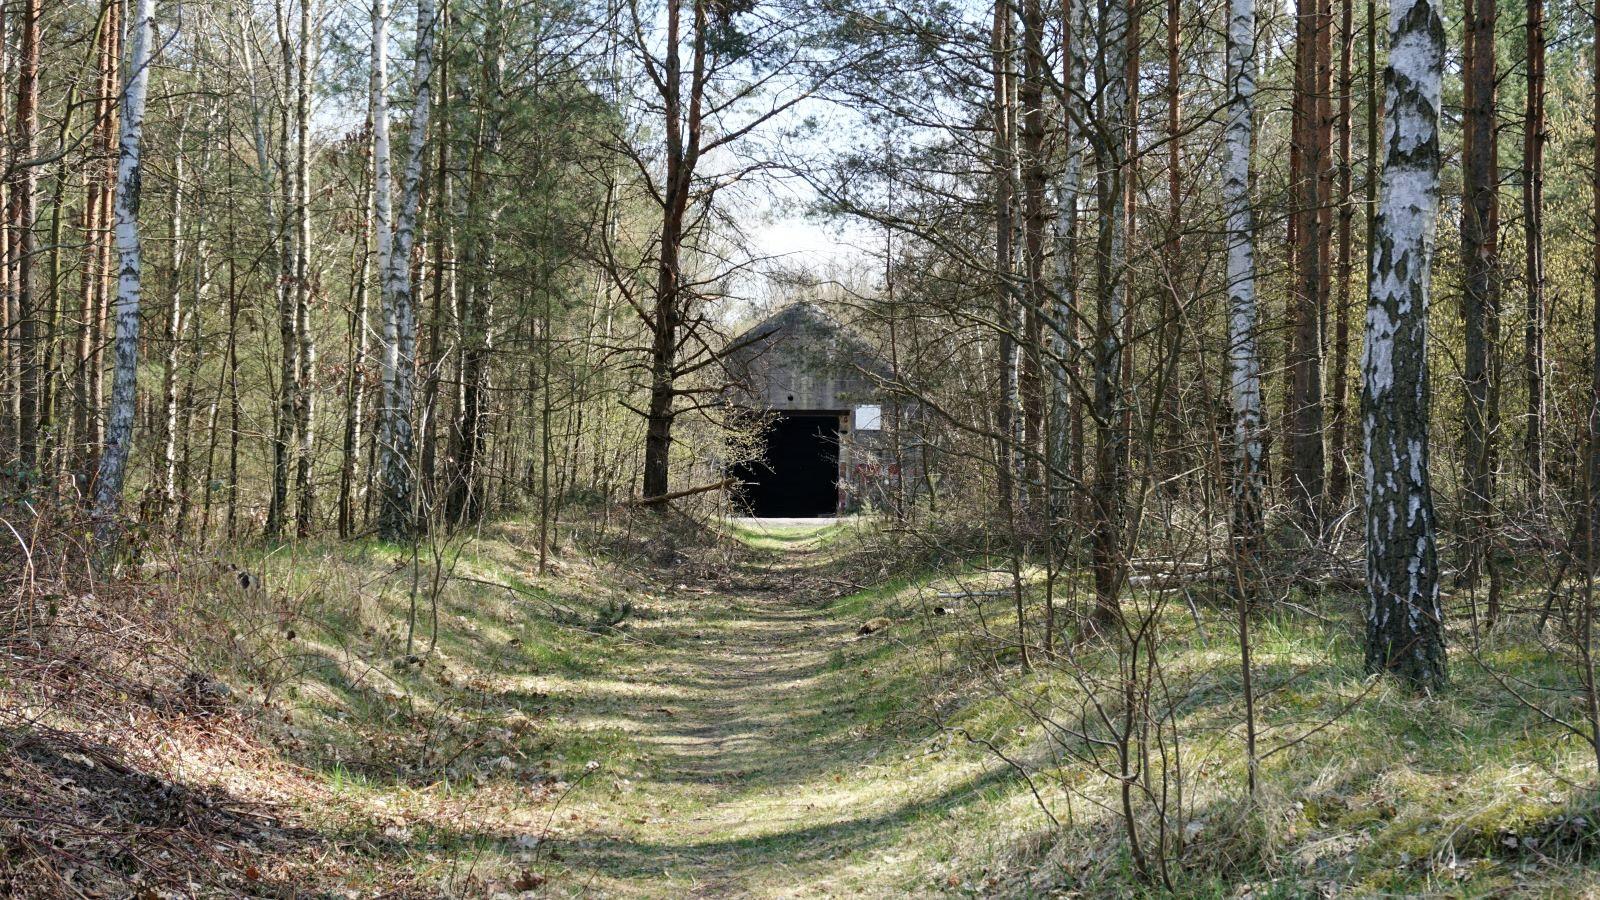 schron kolejowy w jeleniu mierzy 350 m i jest ukryty w lesie